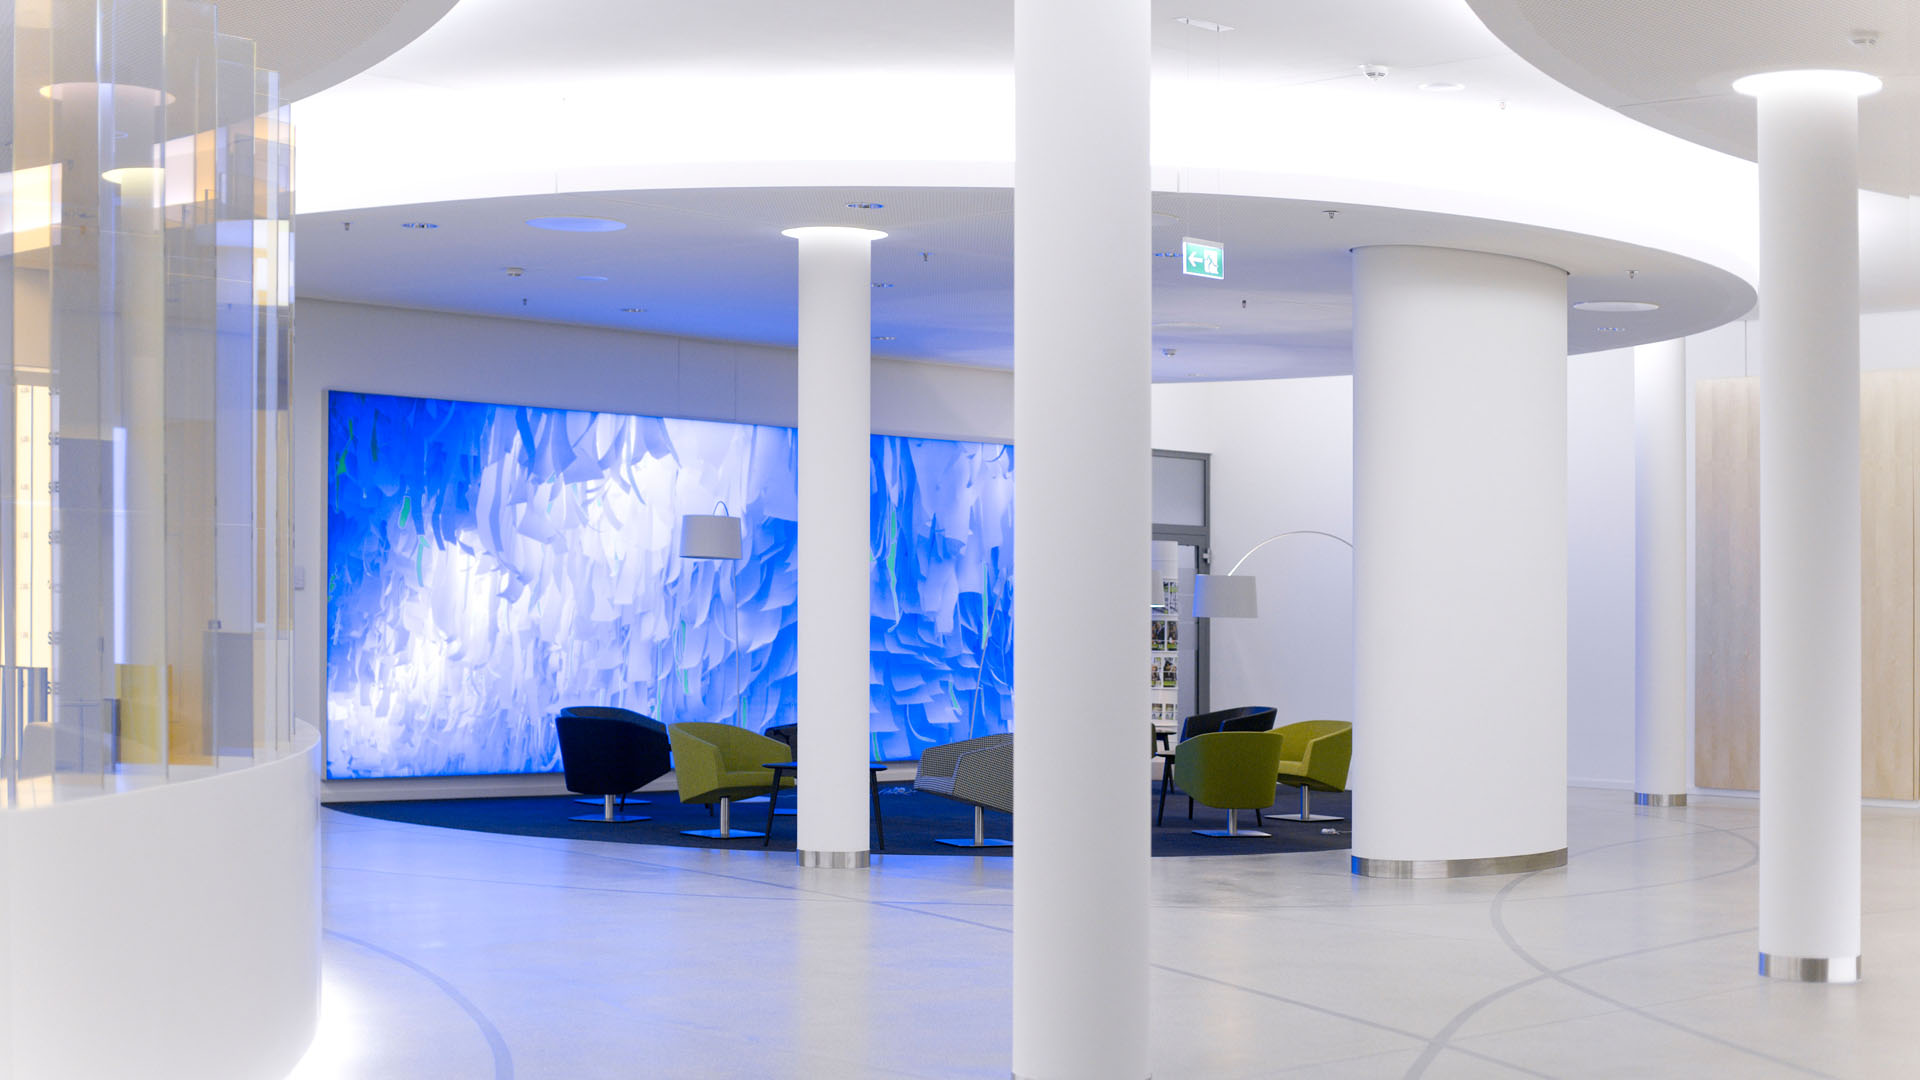 MAASS-Lichtplanung_Lichtplanung im Foyer der SEB Zentrale__MAASS-Skylight-Foyer-010